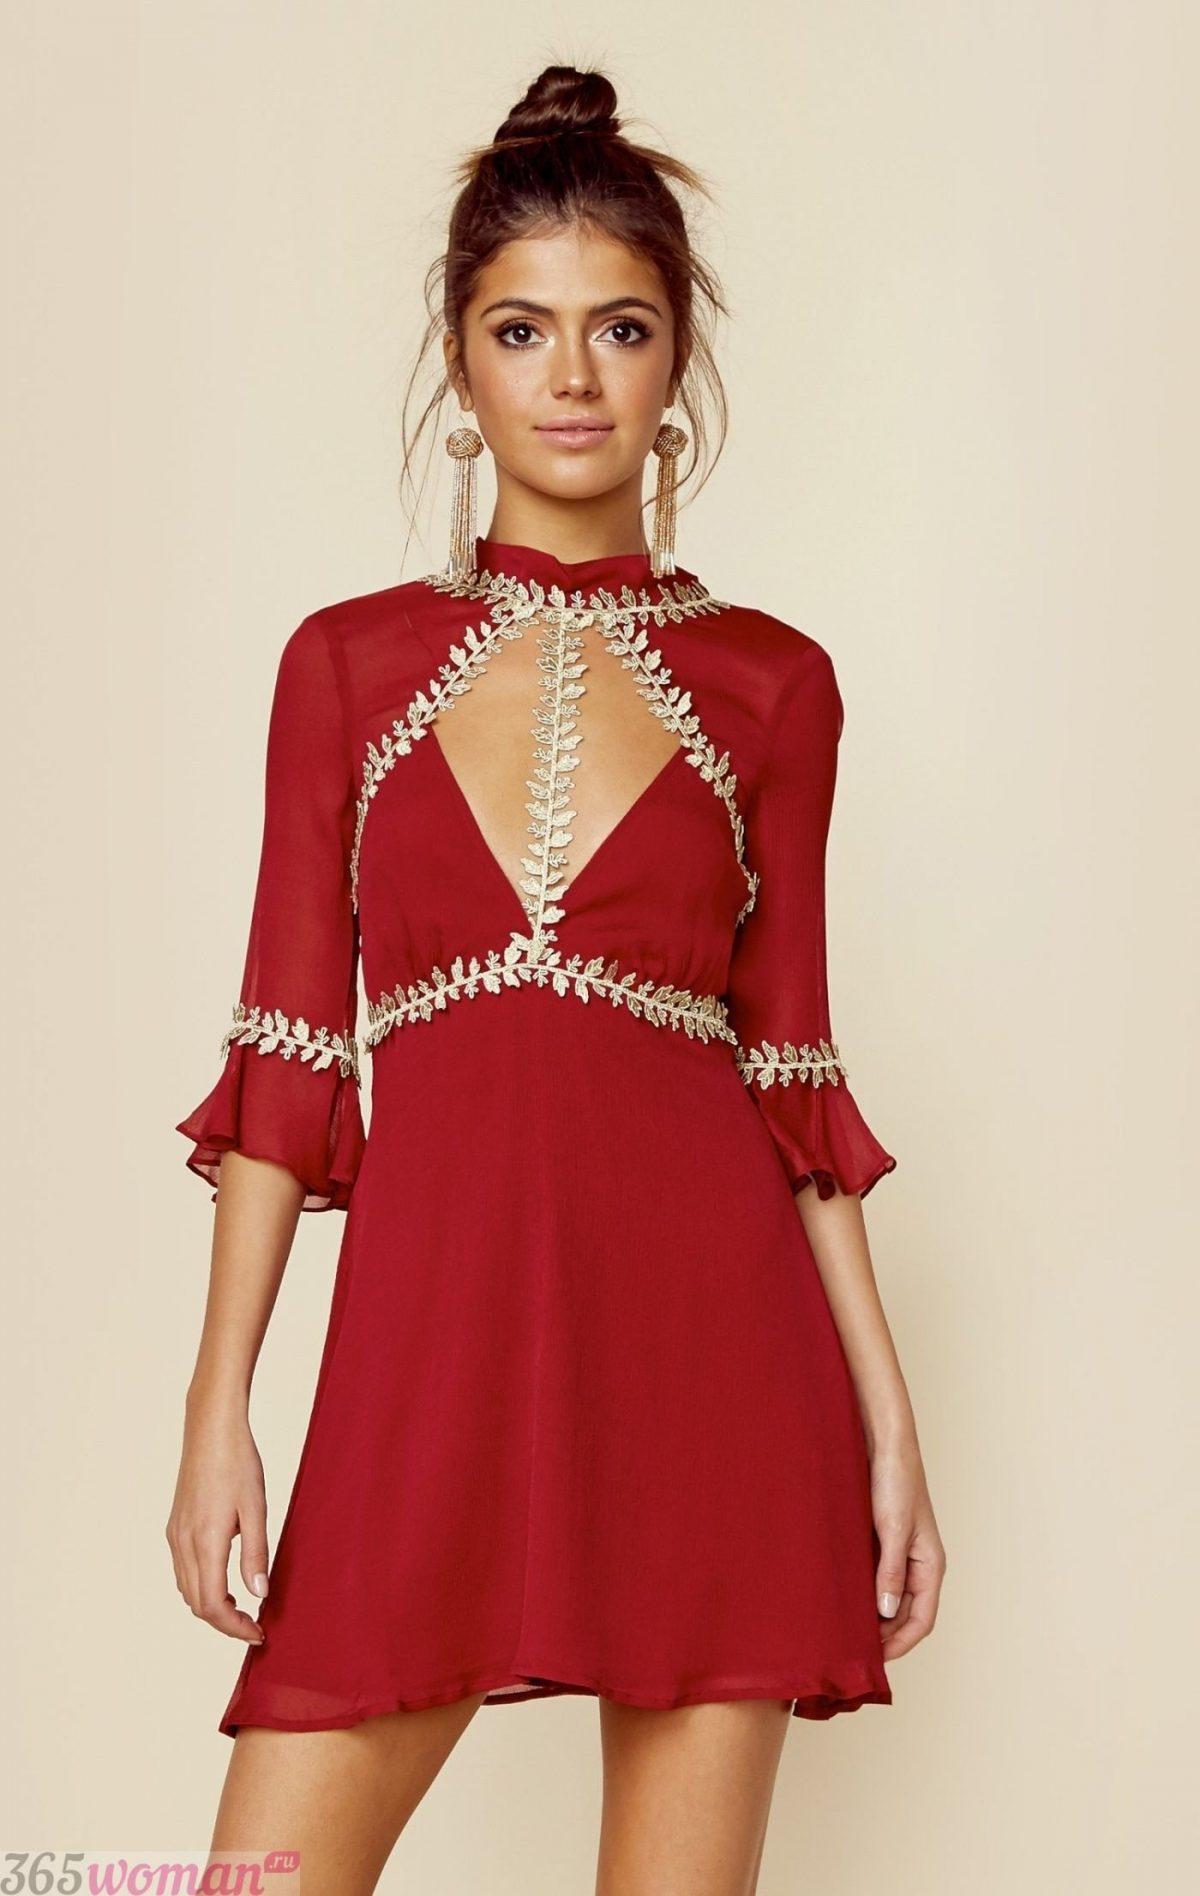 темно-красное платье с золотым декором